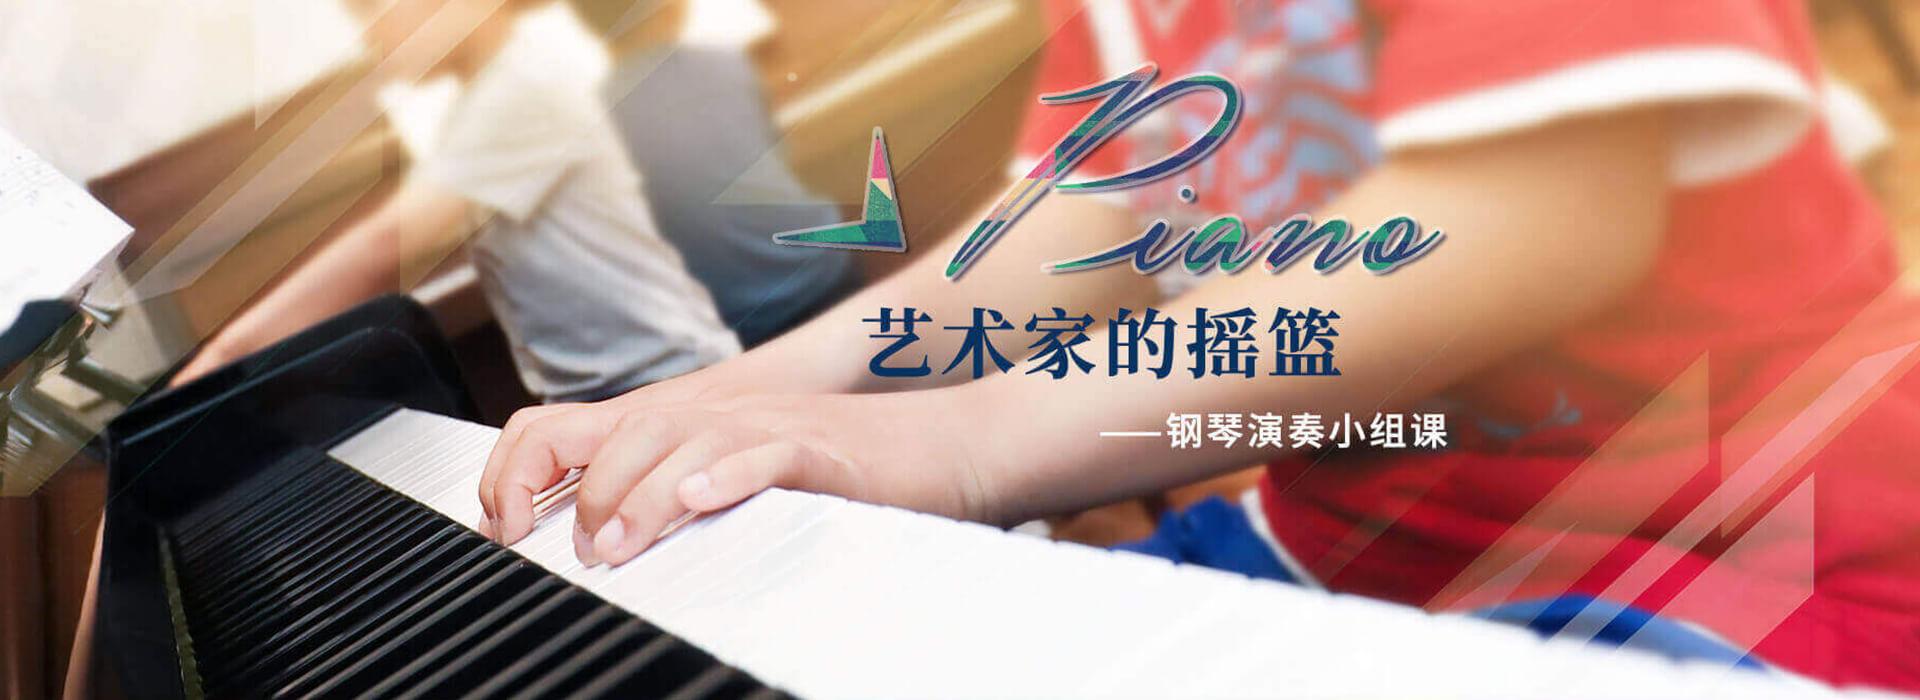 声乐高考培训